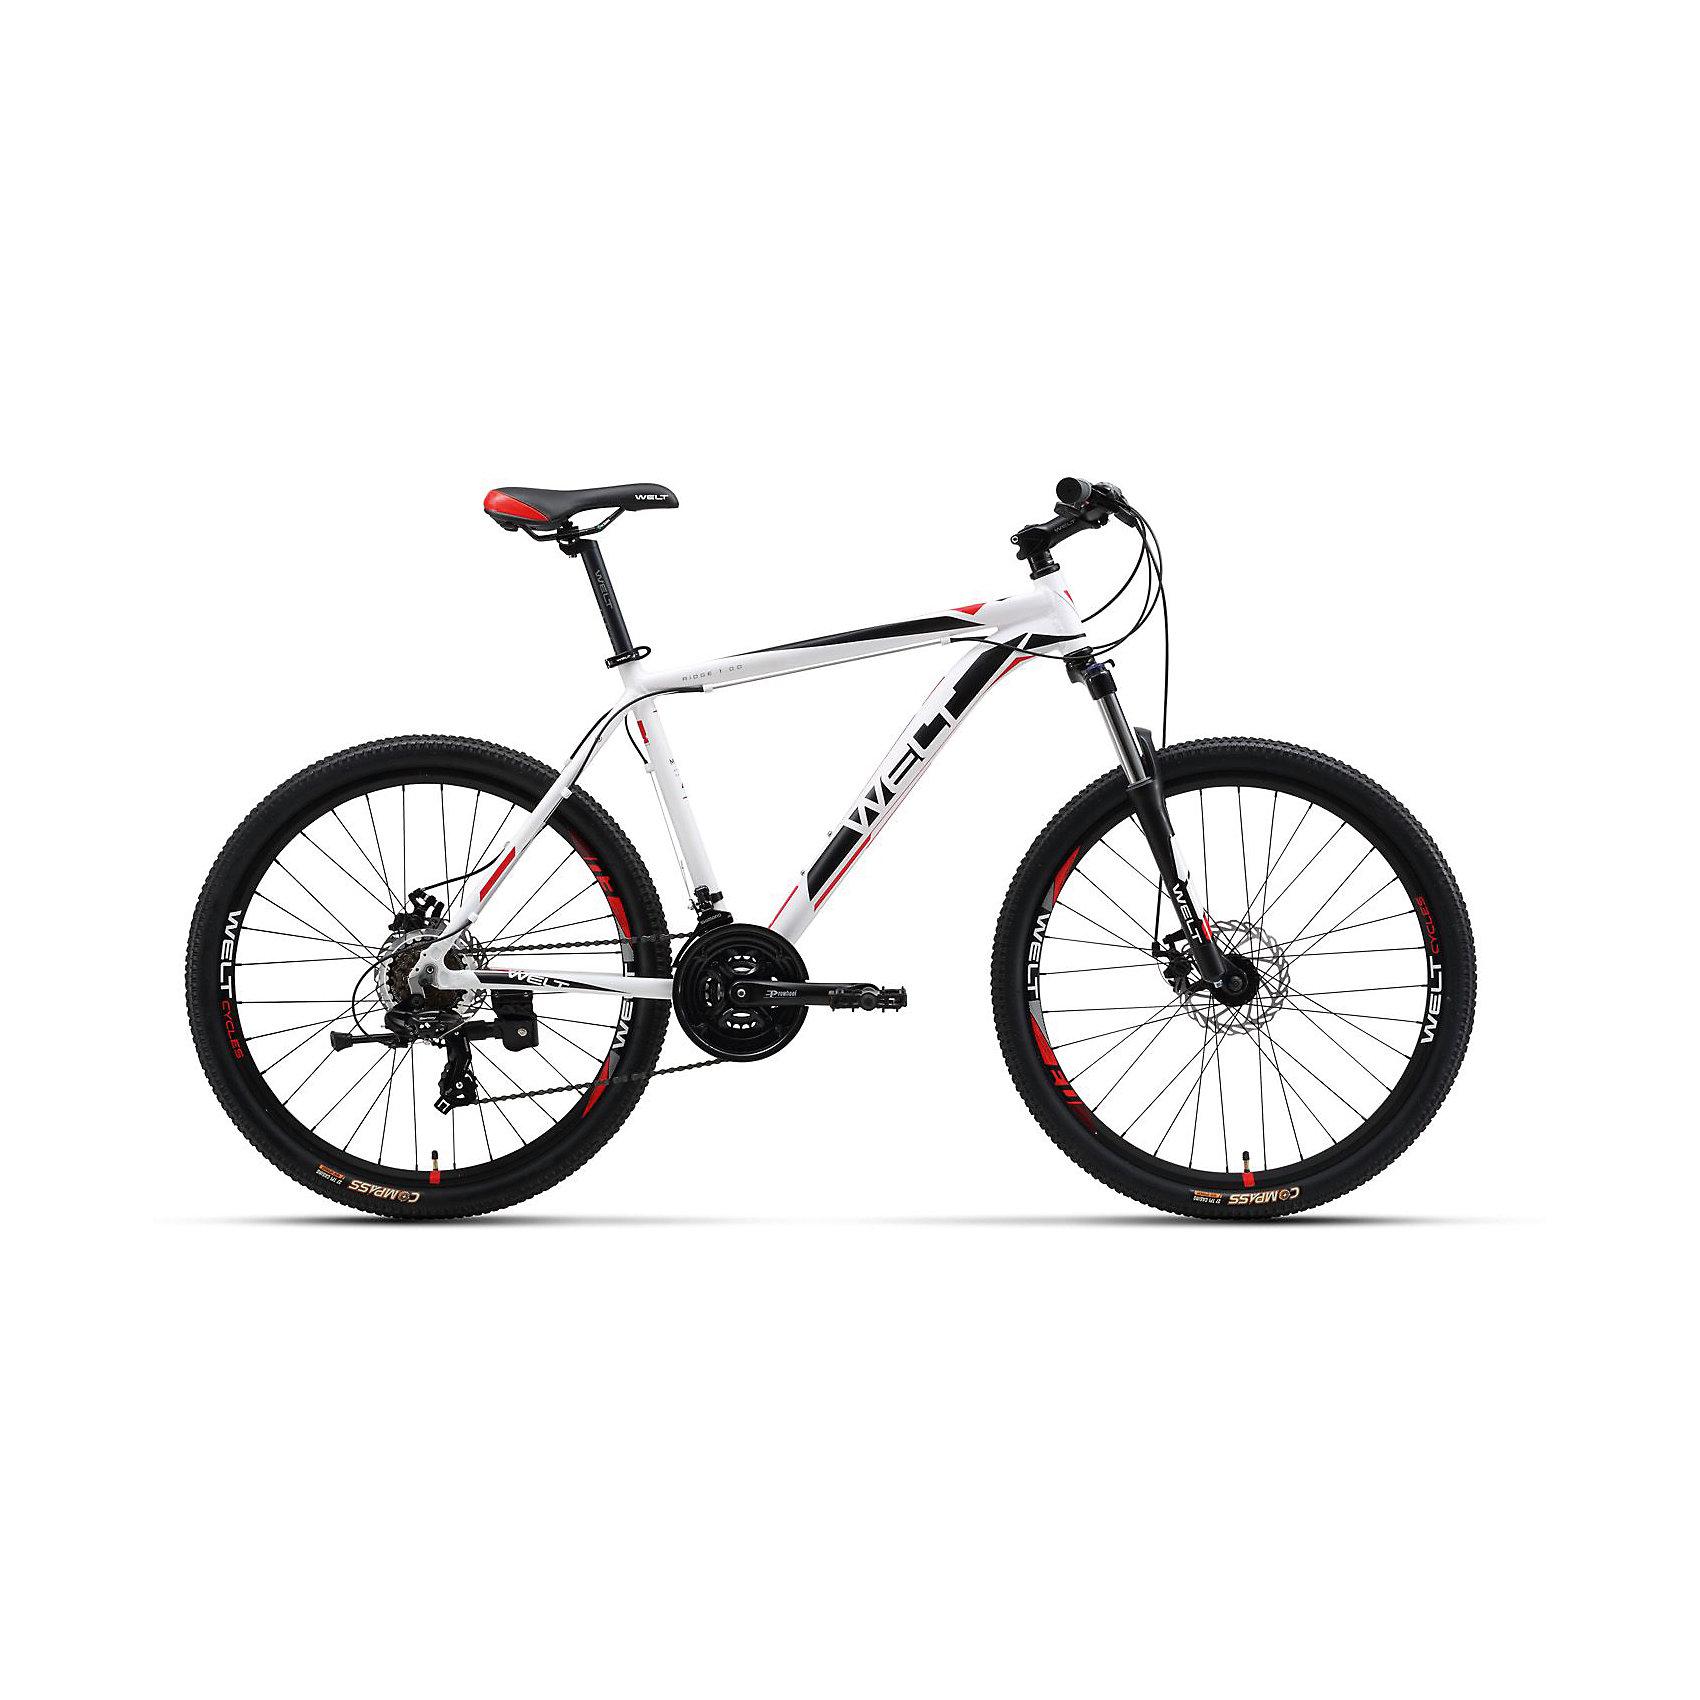 Велосипед  Ridge 1.0 D, 20, бело-черный, WeltВелосипеды детские<br>Характеристики товара:<br><br>• цвет: бело-черный<br>• возраст: от 8 лет<br>• механические тормоза<br>• цельнолитая контрукция вилки, ход 100мм<br>• подножка<br>• диаметр колес: 20<br>• кол-во скоростей: 21<br>• вилка: Suntour XCT HLO 100mm (амортизационная)<br>• переключатель задний : Shimano TY-300<br>• переключатель передний: Shimano TZ-30<br>• шифтеры: Shimano EF-51<br>• тип тормозов: V-brake<br>• тормоза: Alloy YX-122<br>• система:  Prowheel alloy 42/34/24 <br>• кассета: Shimano HG20 12-28T<br>• тип рулевой колонки:  1-1/8 безрезьбовая<br>• покрышки: Compass 26 x 2,1<br>• страна бренда: Германия<br><br>Велосипед  Ridge 1.0 V, рама которого выполнена из алюминиевого сплава. Колеса на двойных ободах. Отличают эту модель от остальных дисковые тормоза, более технологичные по сравнению с ободными. <br><br>Этот универсальный велосипед можно эксплуатировать в городе или за его пределами.<br><br>Велосипед  Ridge 1.0 V, 20 дюймов, бело-черный, Welt можно купить в нашем интернет-магазине.<br><br>Ширина мм: 1450<br>Глубина мм: 200<br>Высота мм: 800<br>Вес г: 16500<br>Возраст от месяцев: 168<br>Возраст до месяцев: 2147483647<br>Пол: Унисекс<br>Возраст: Детский<br>SKU: 5569427